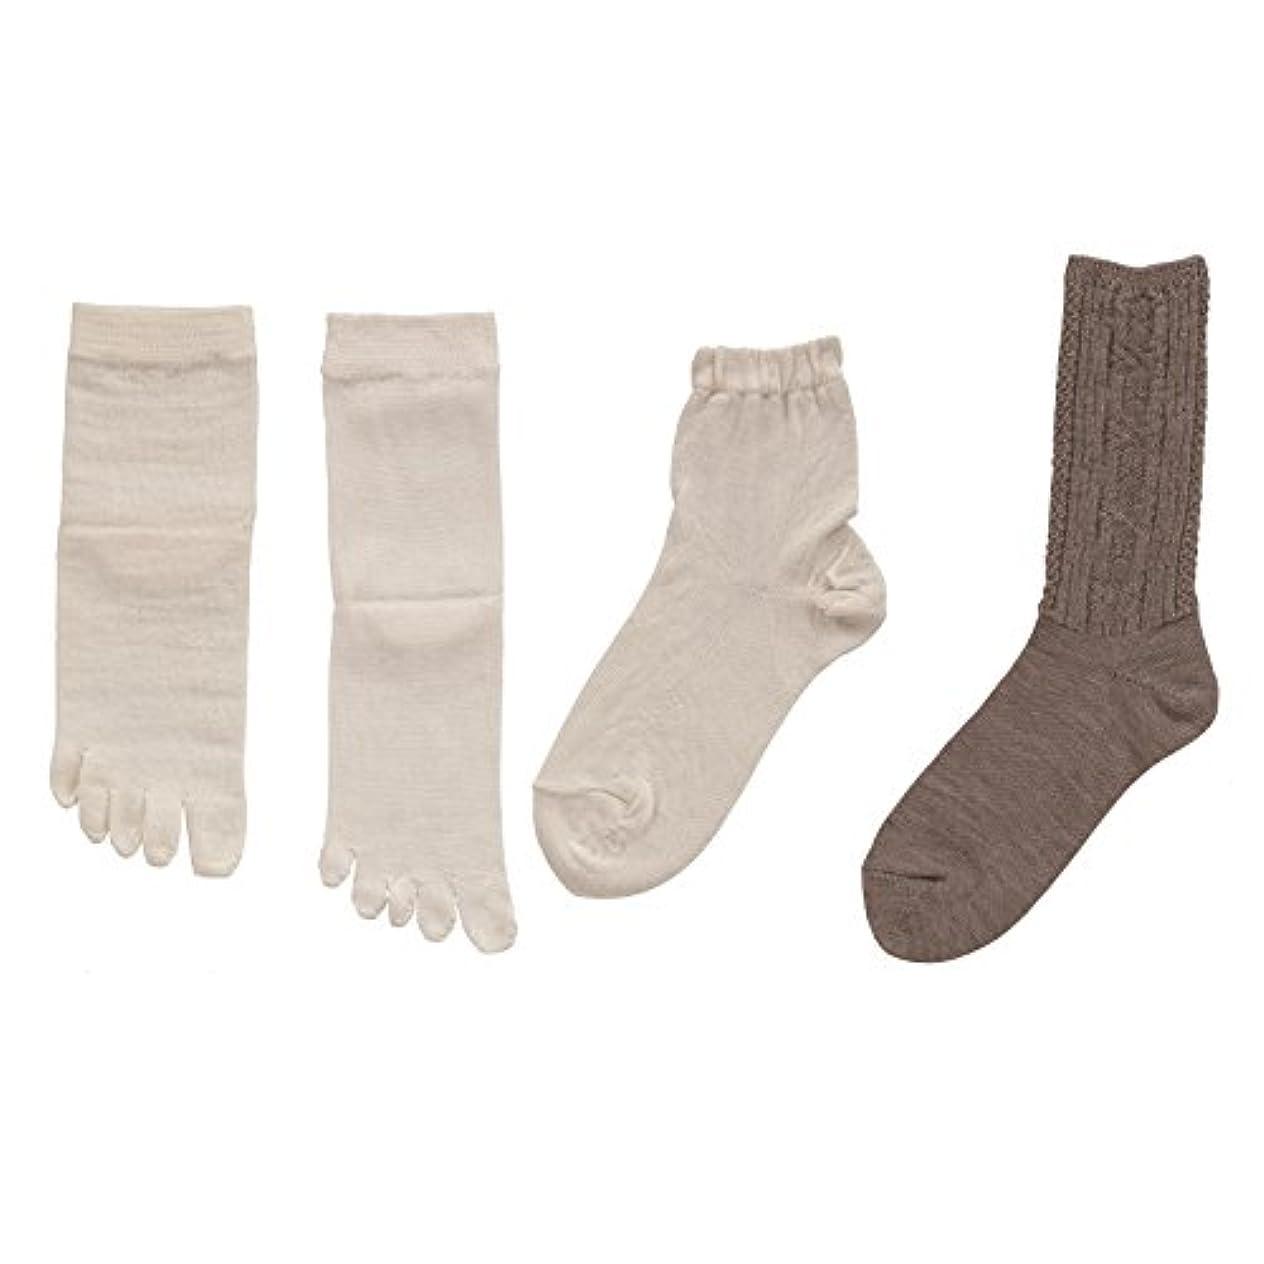 文字通りほこりっぽいレトルト砂山靴下 TUMUGI 絹と毛の4枚重ね履き靴下 グレー